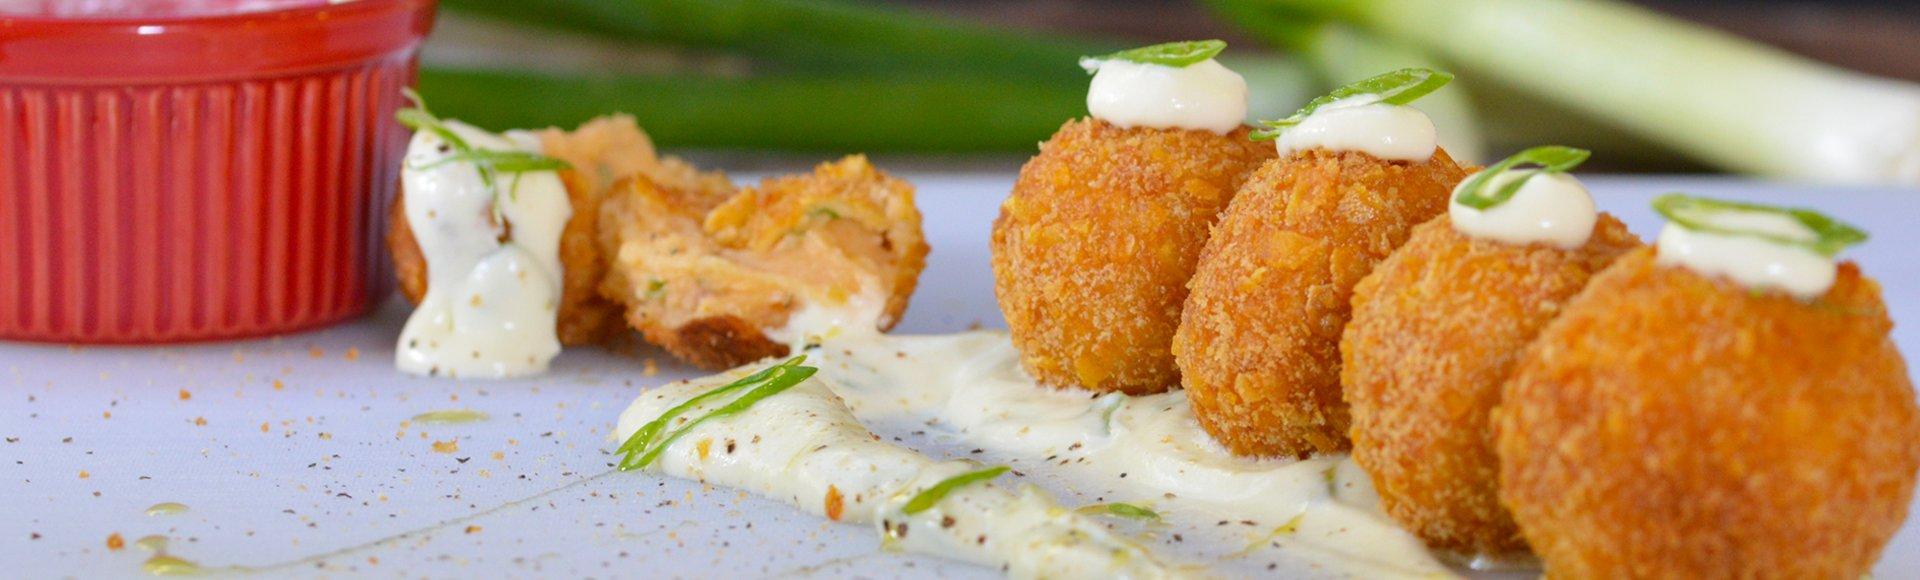 Κροκέτες με πατάτα και σαλάμι Λευκάδος